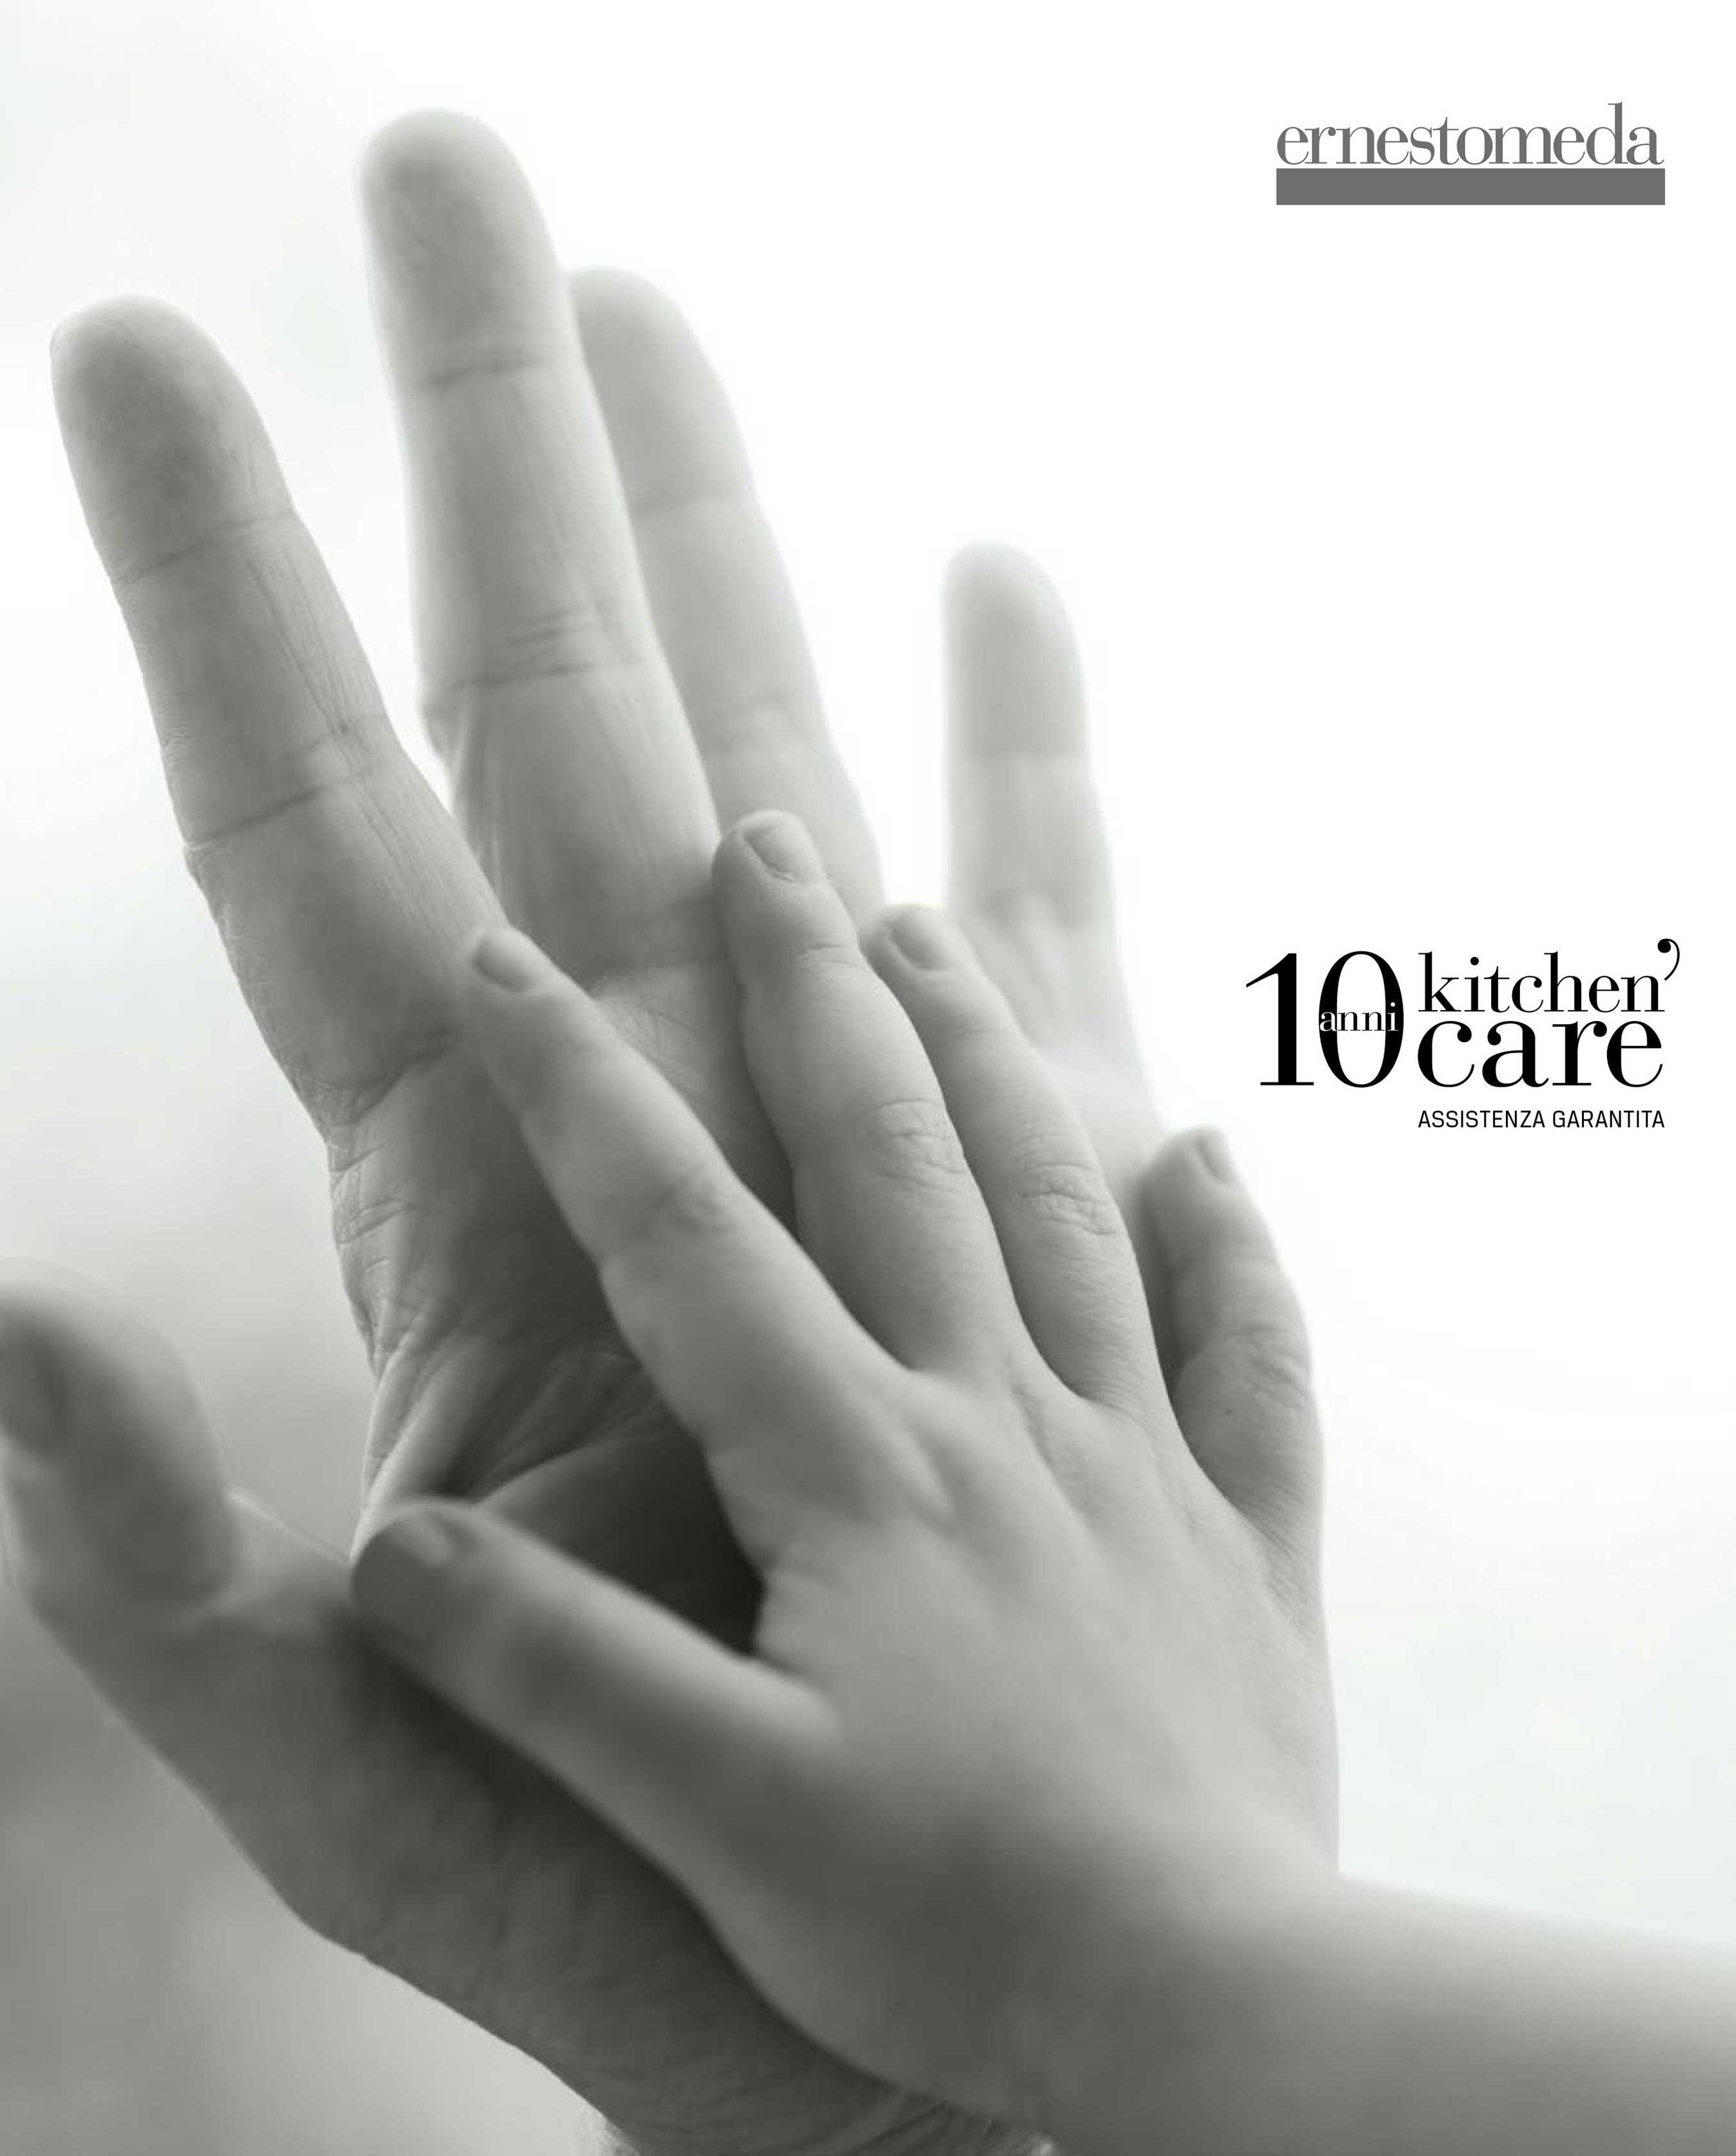 10_anni_di_garanzia